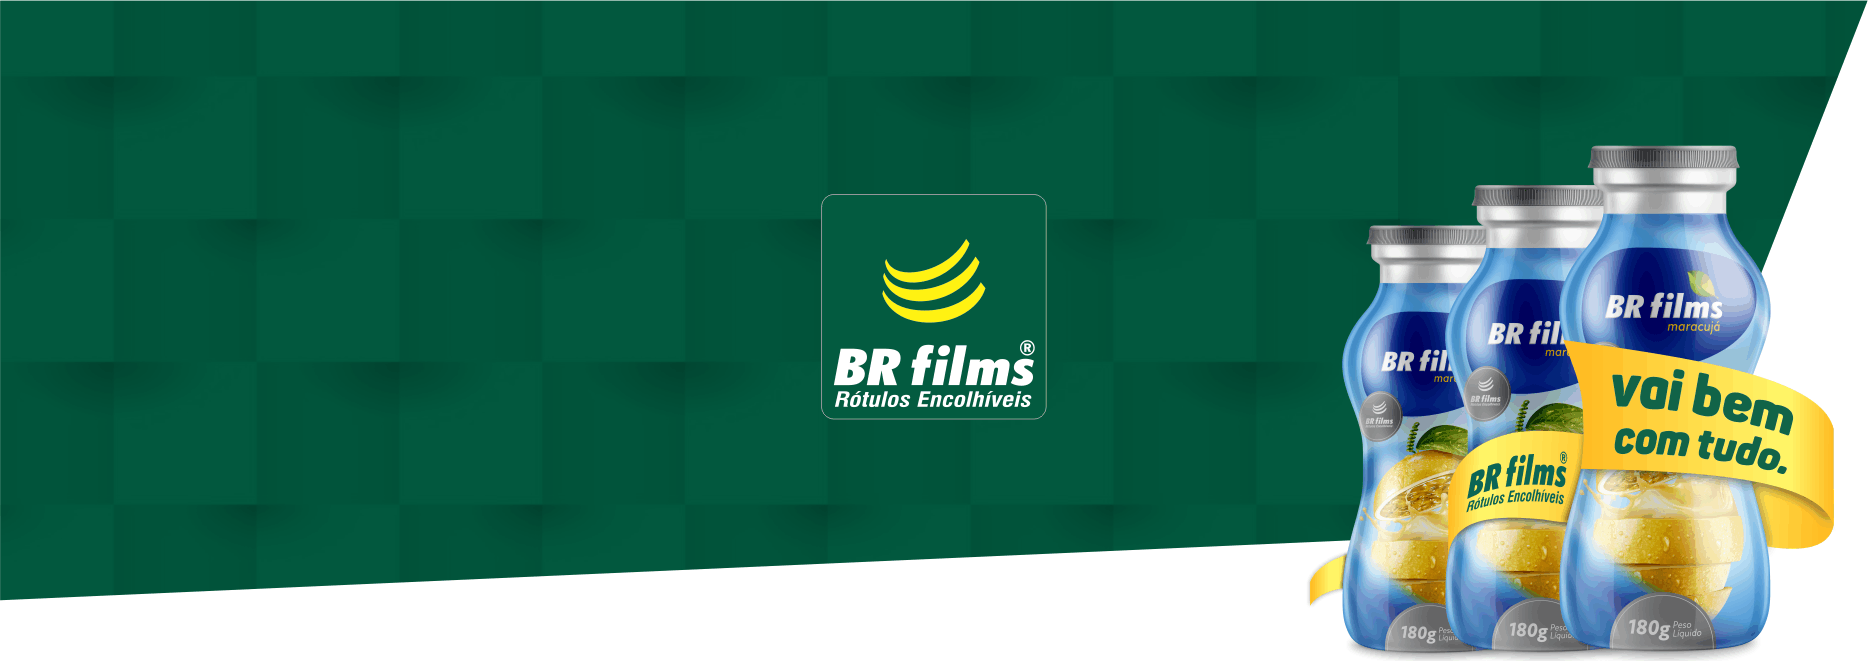 Banner home Br films vai bem com tudo